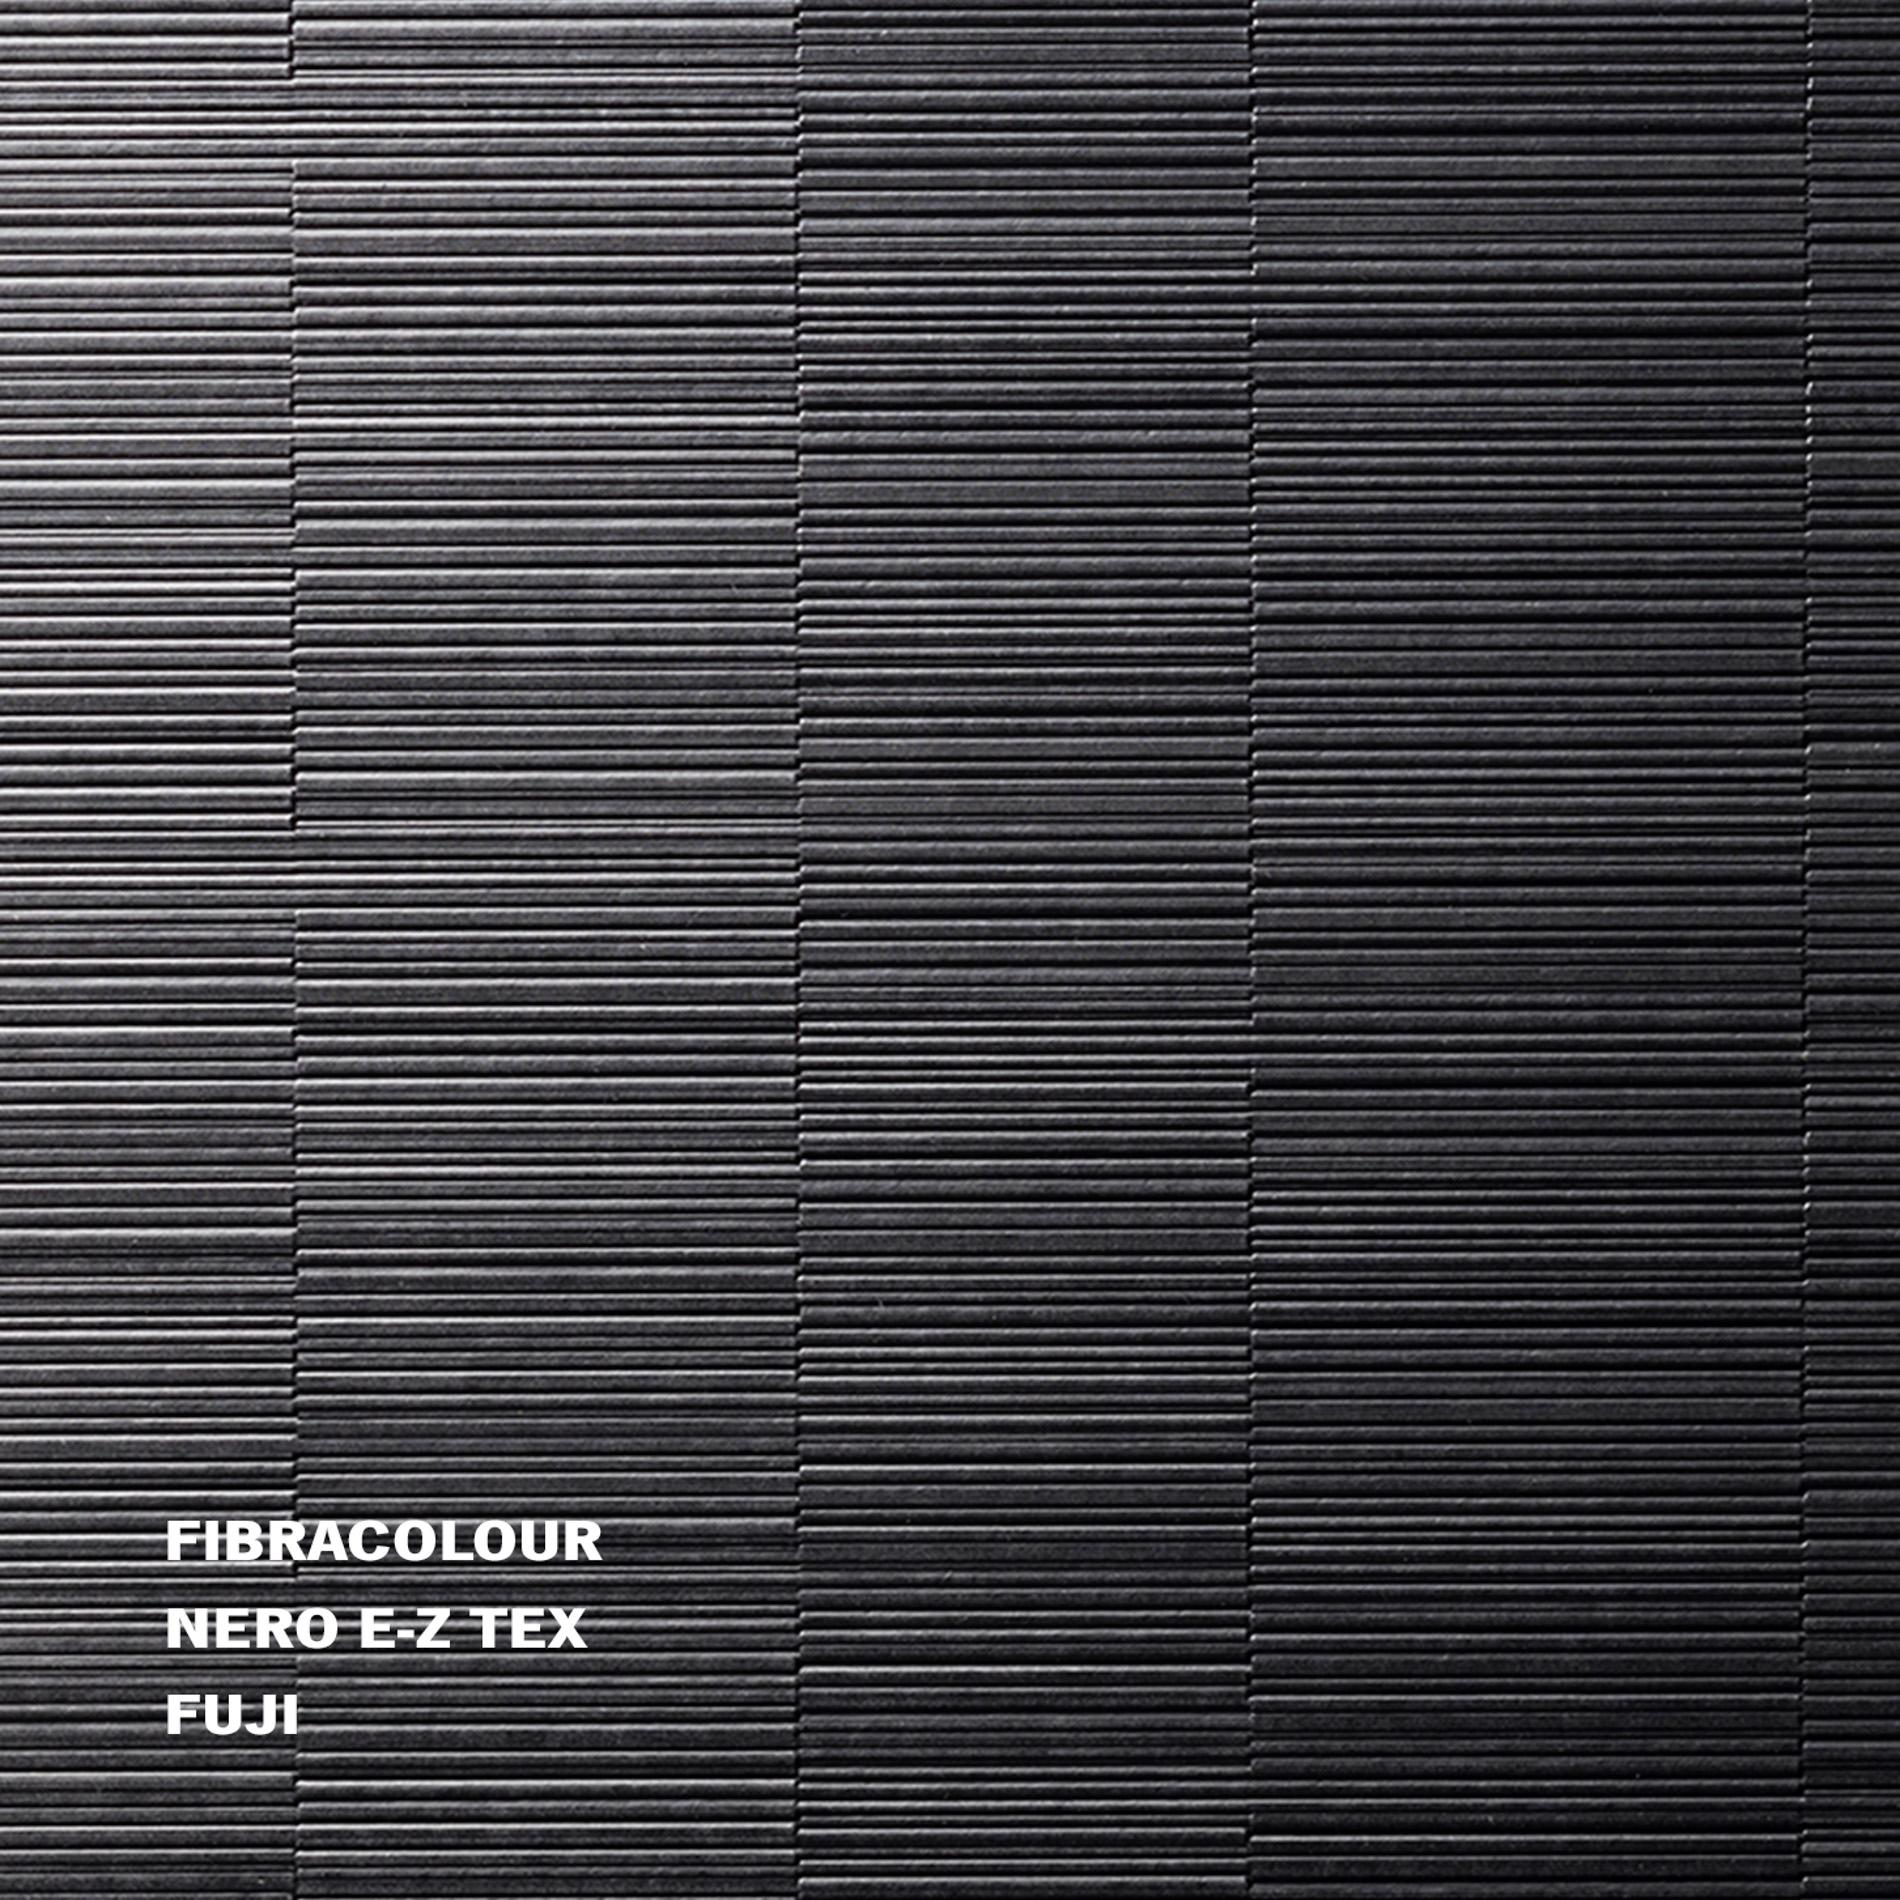 Fibracolor_FUJI_2